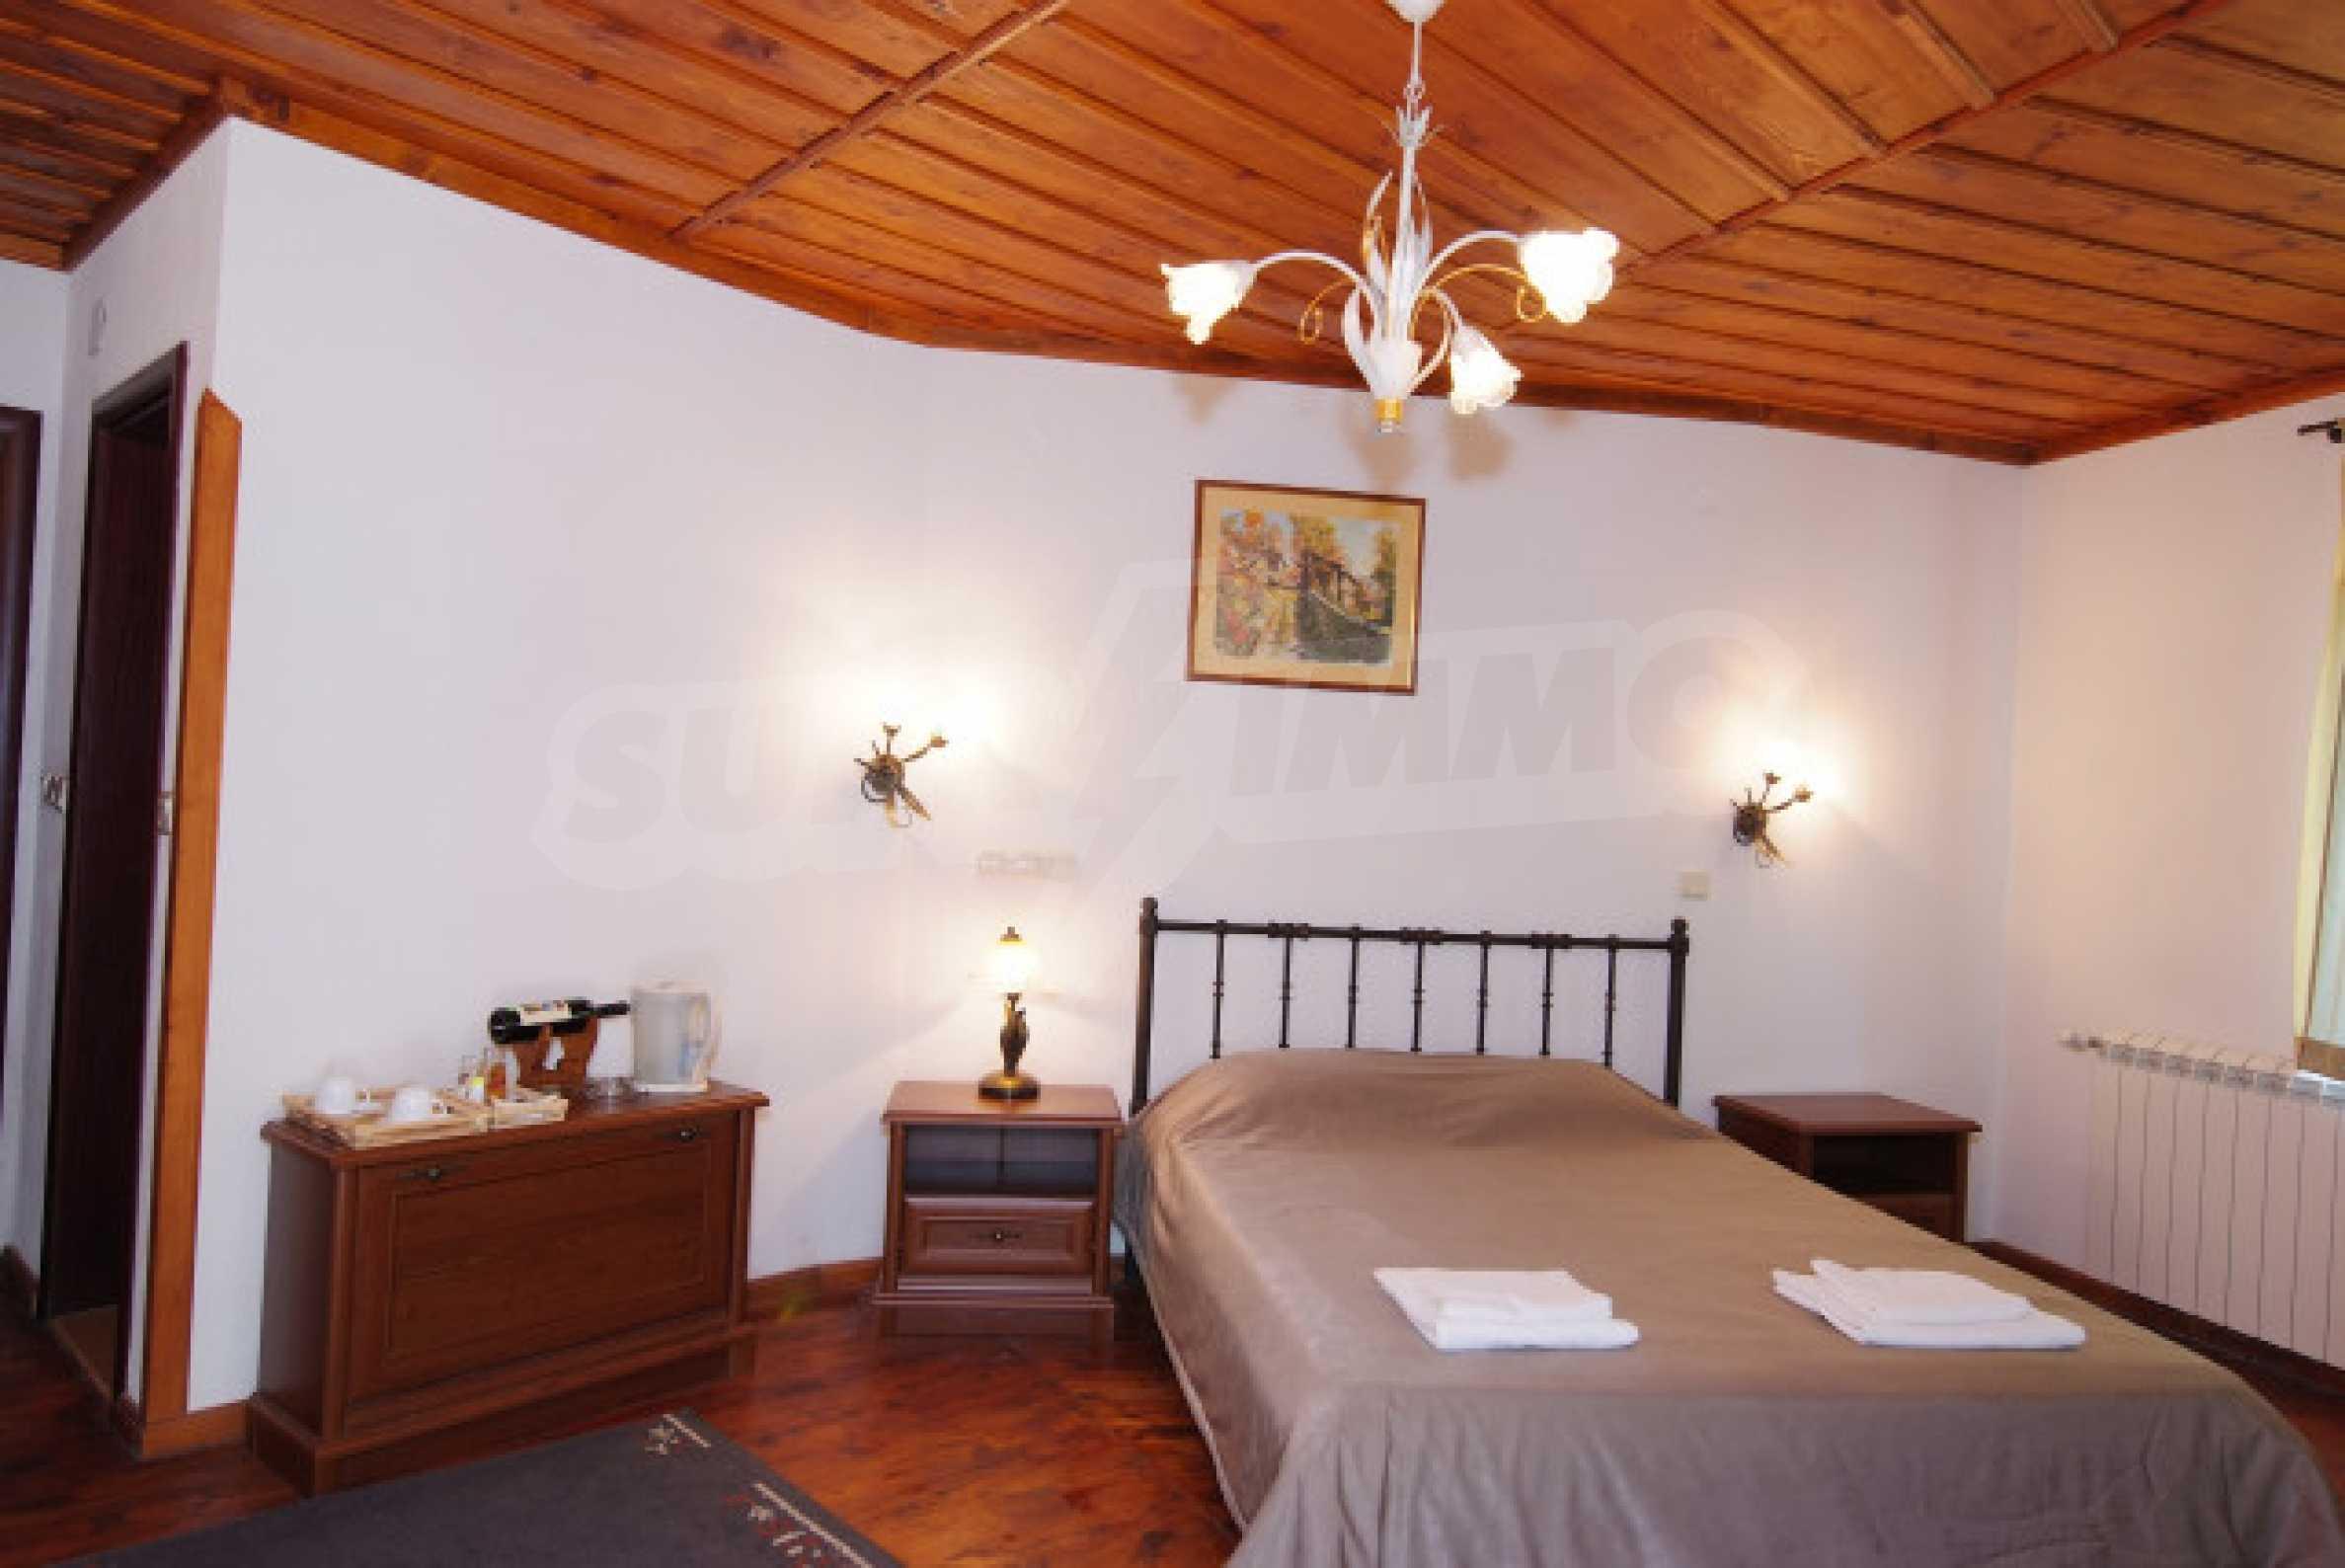 Семеен хотел в центъра на град Мелник 23